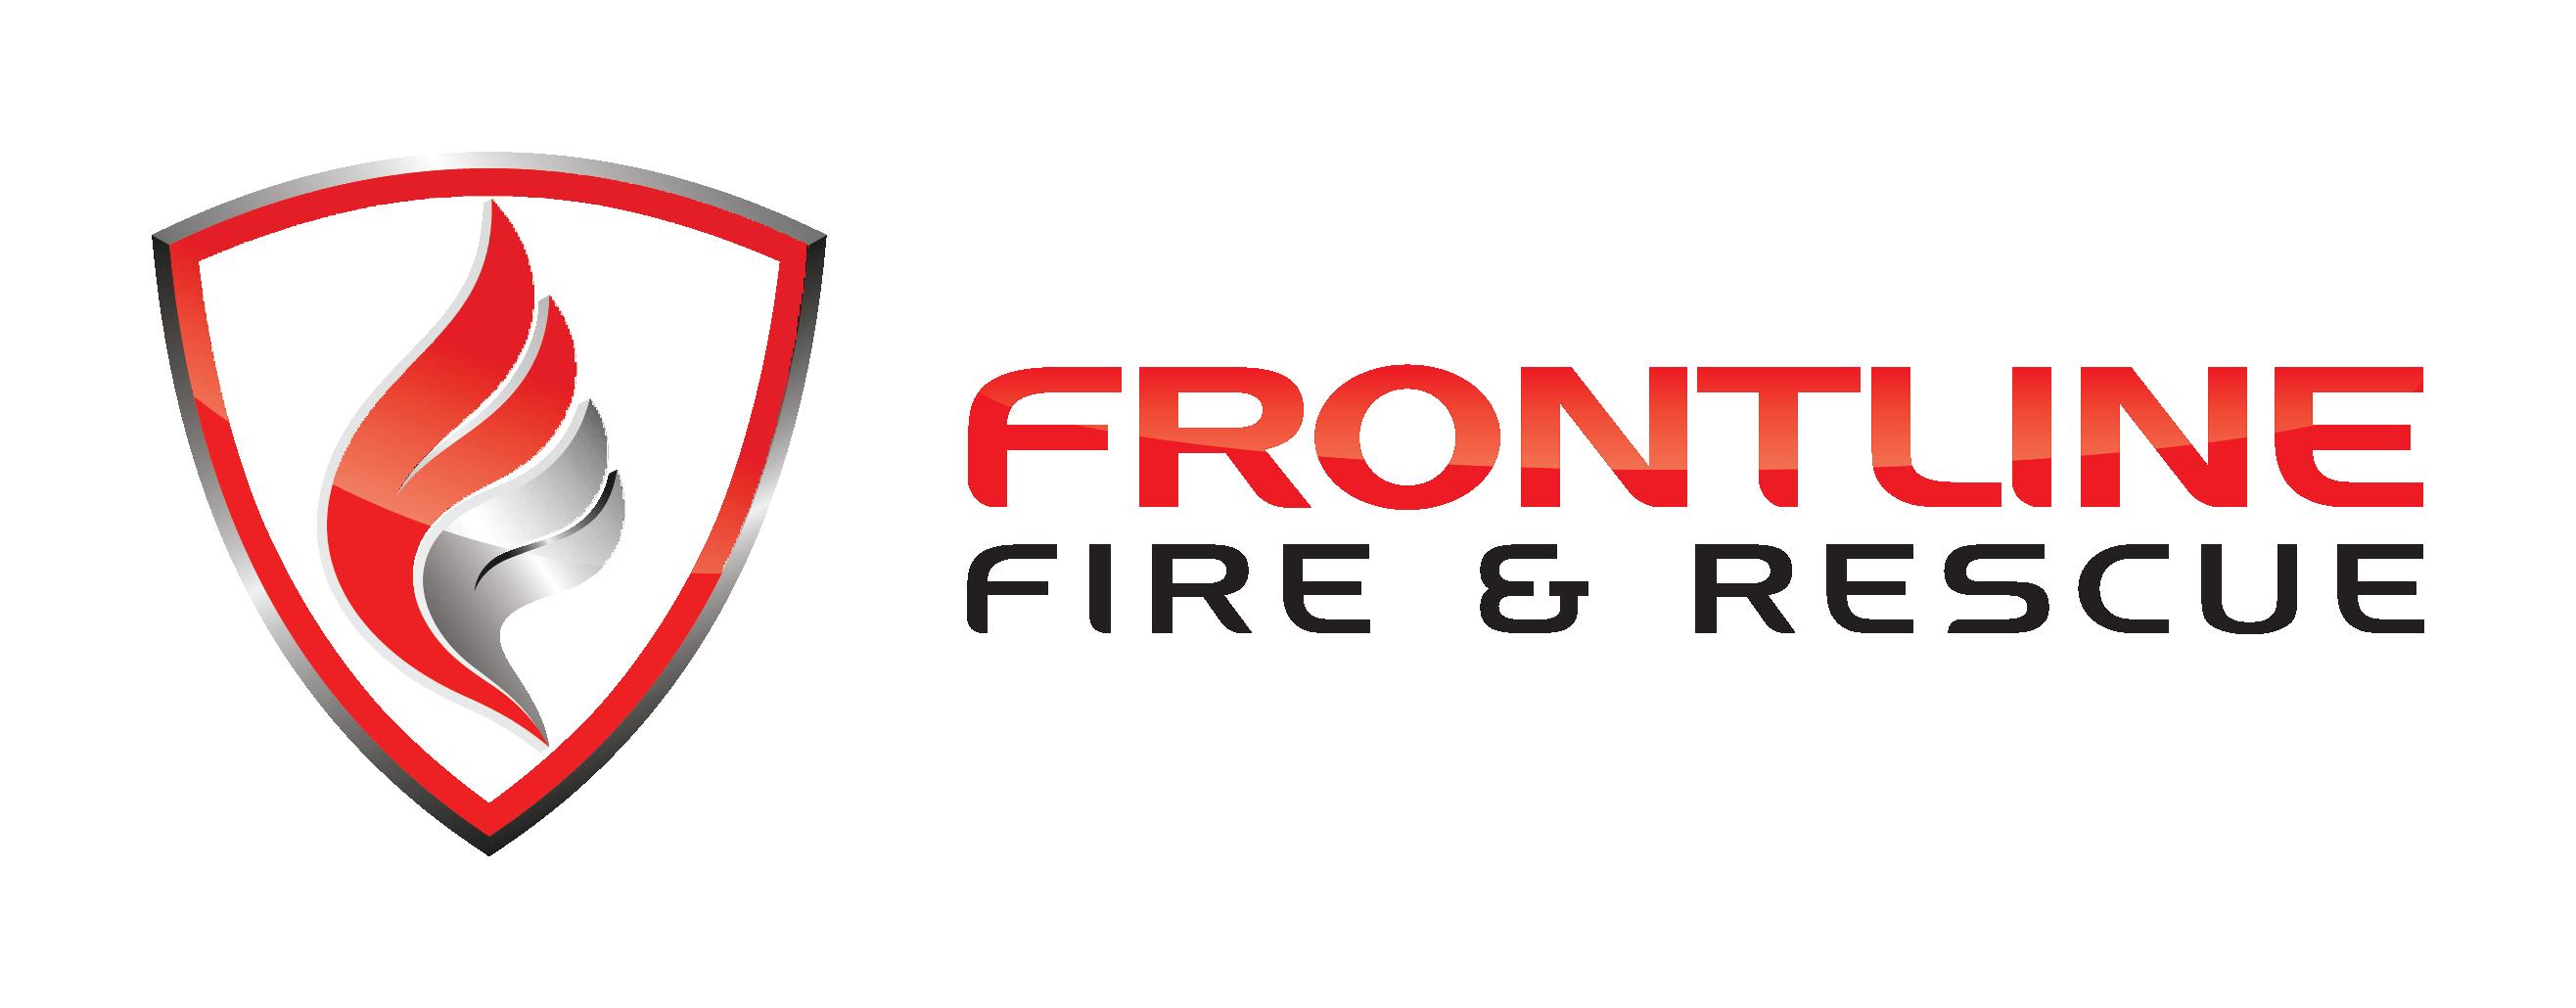 ffre-logo-final.png